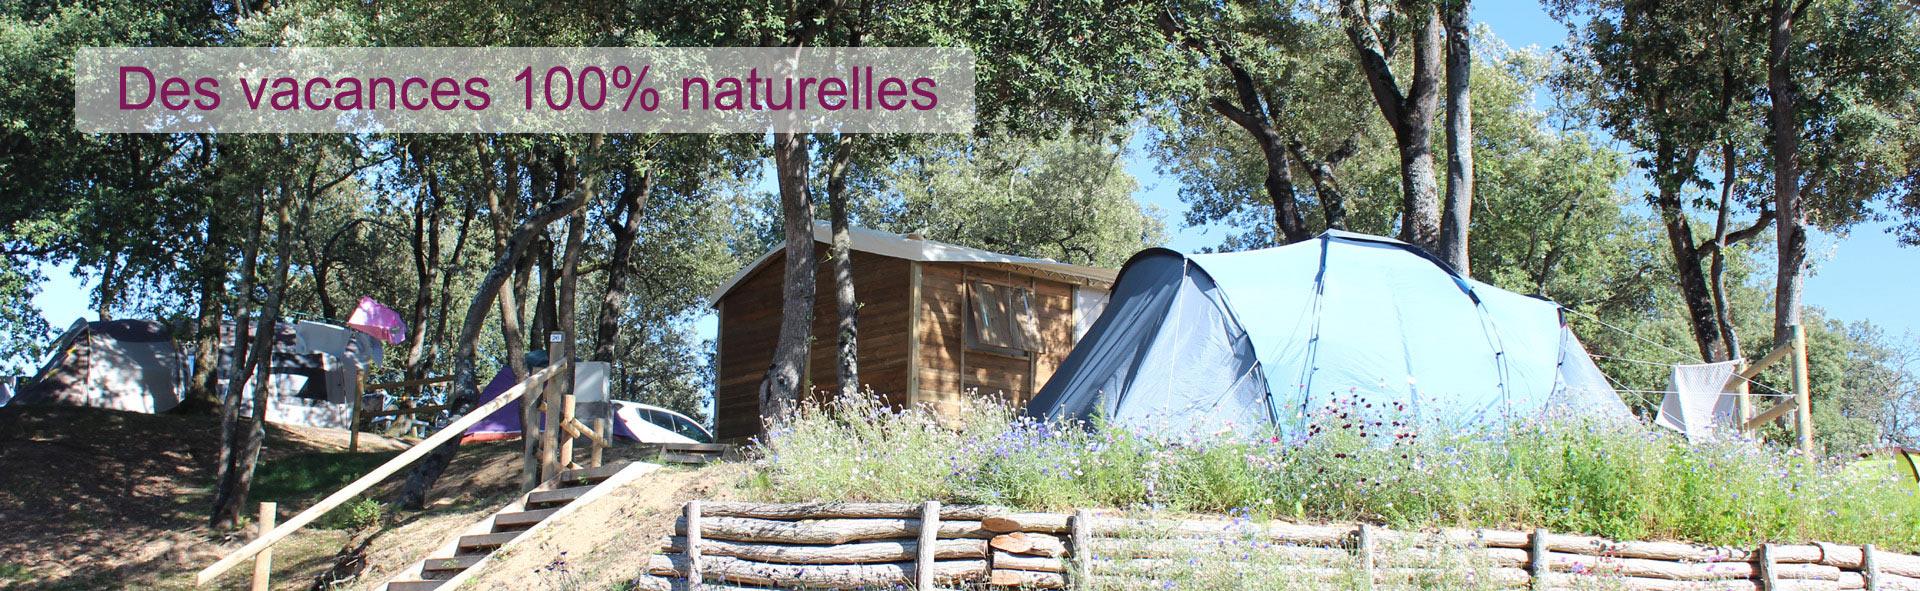 vacances nature camping